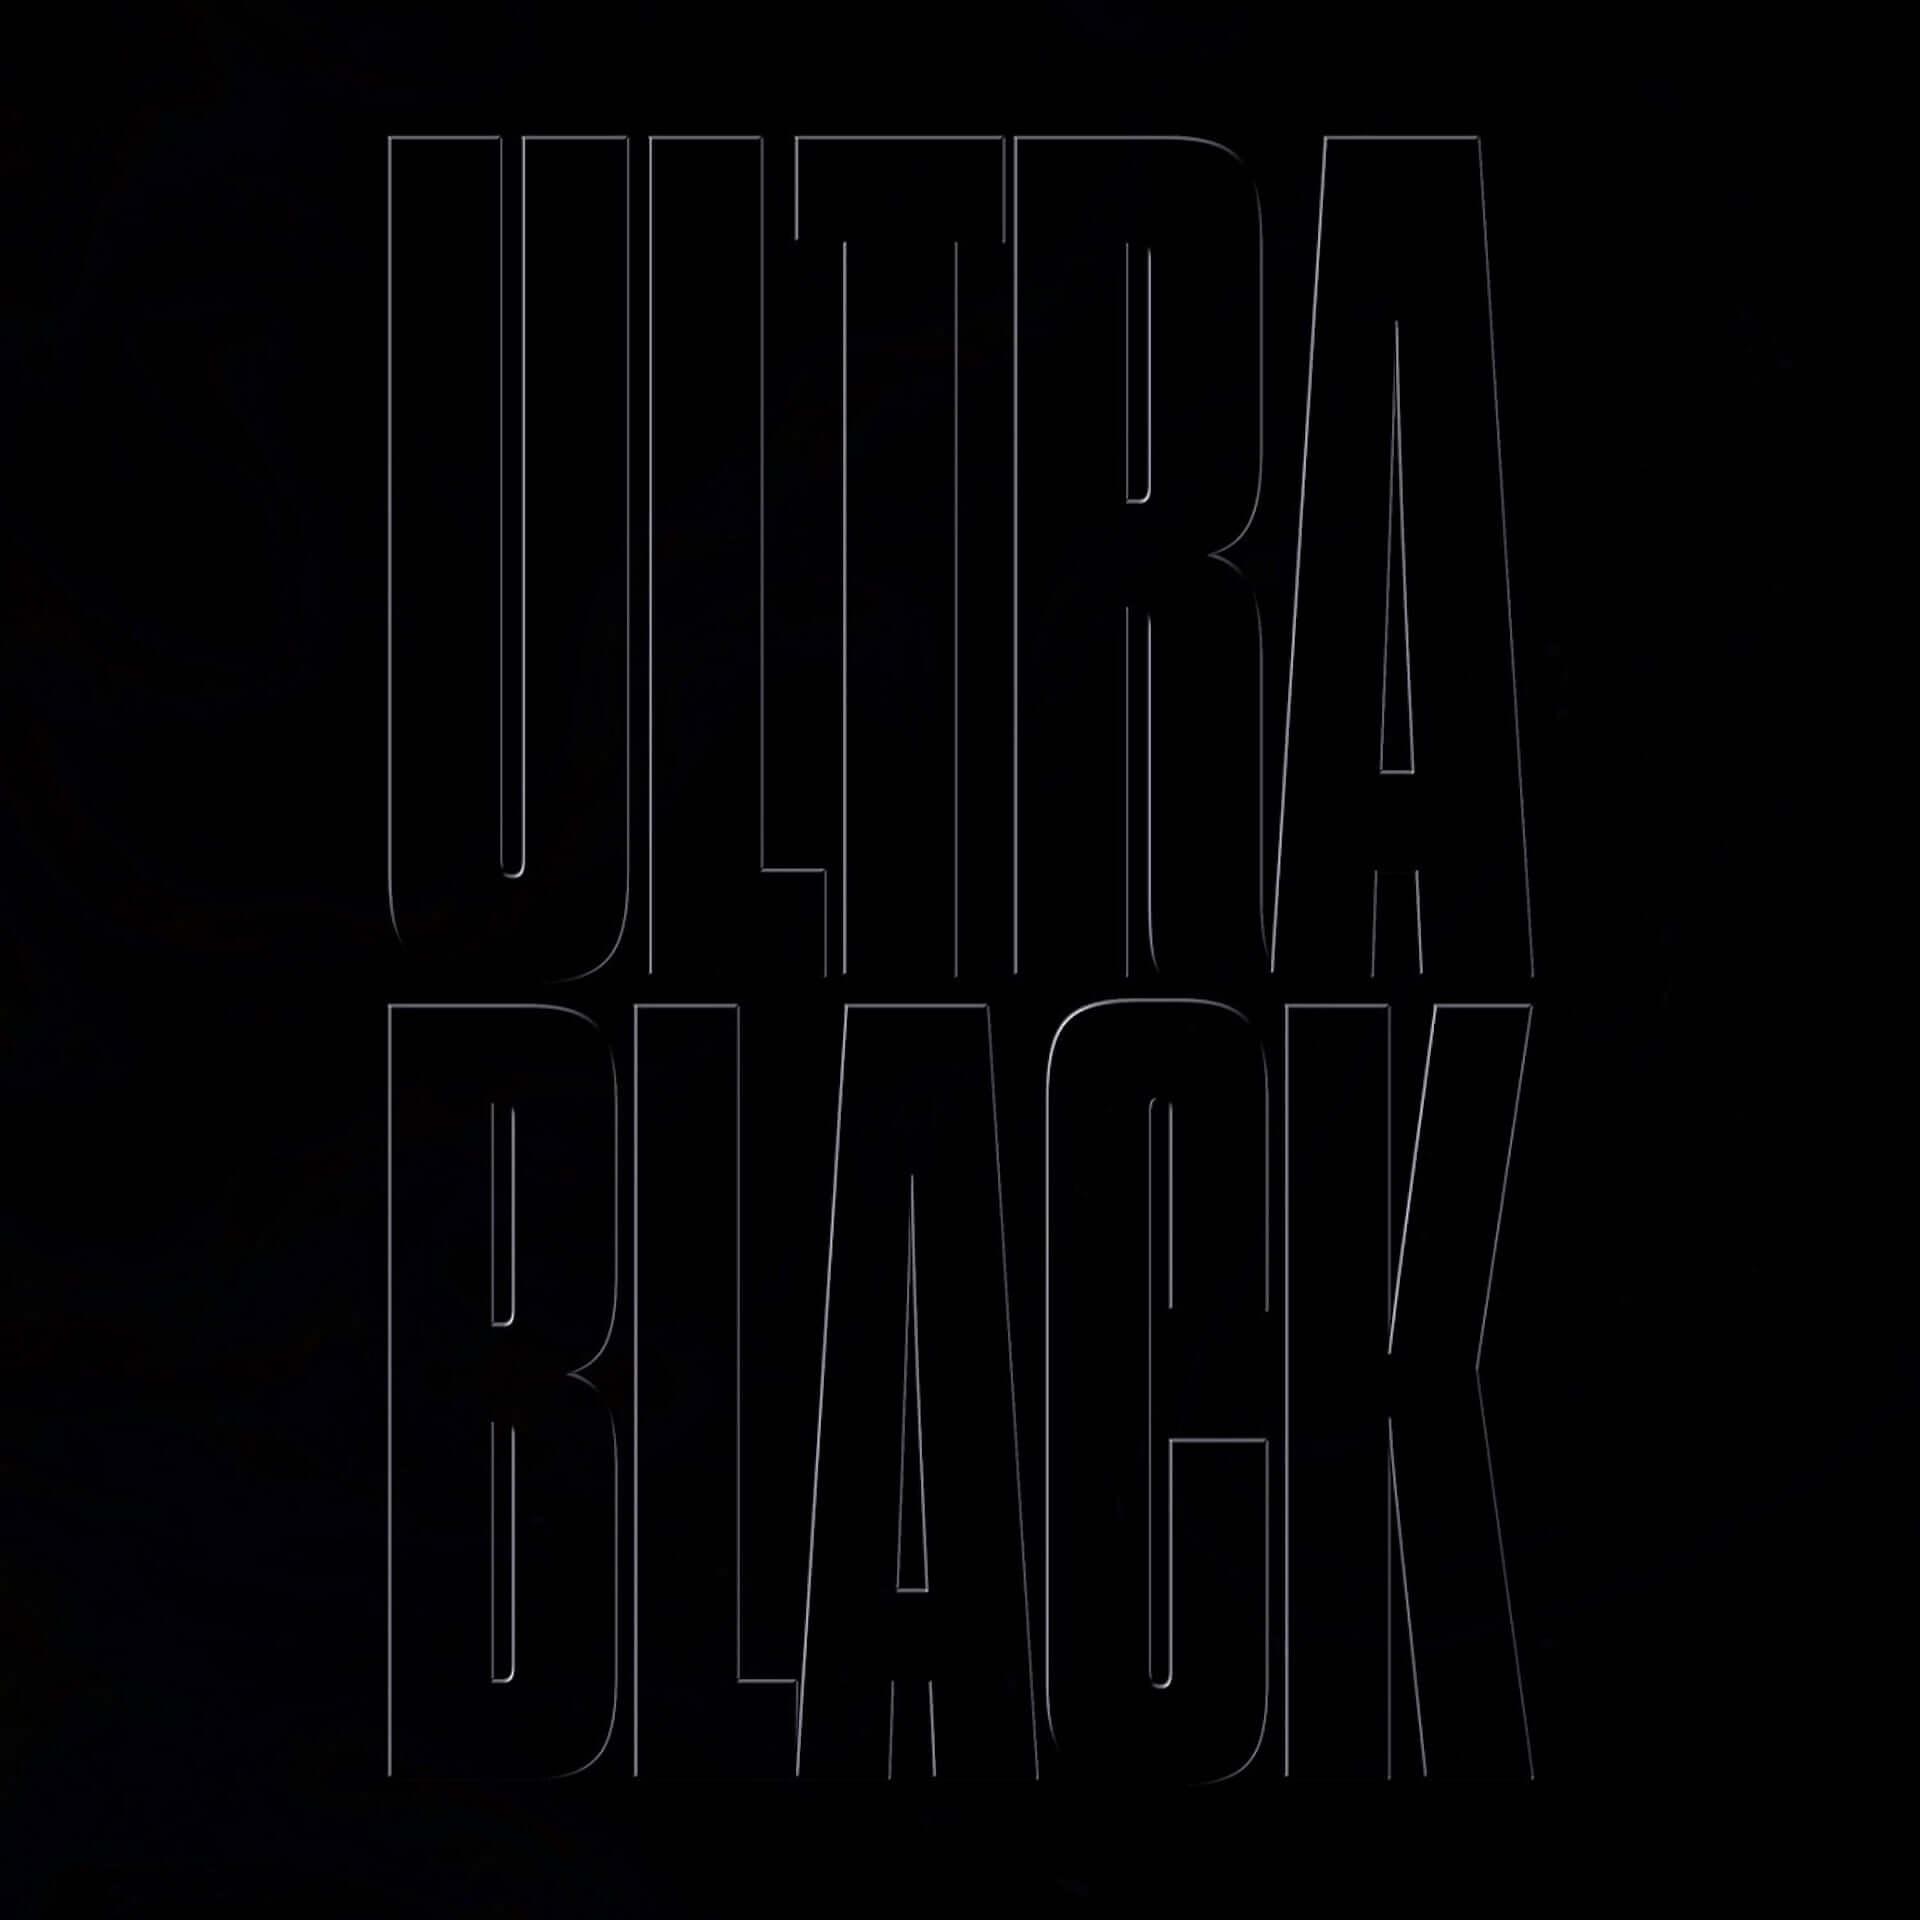 """孤高のリリシスト・NASが2年振りの新アルバム『King's Disease』をリリース決定!シングル""""Ultra Black""""も解禁 music200819_nas_3-1920x1920"""